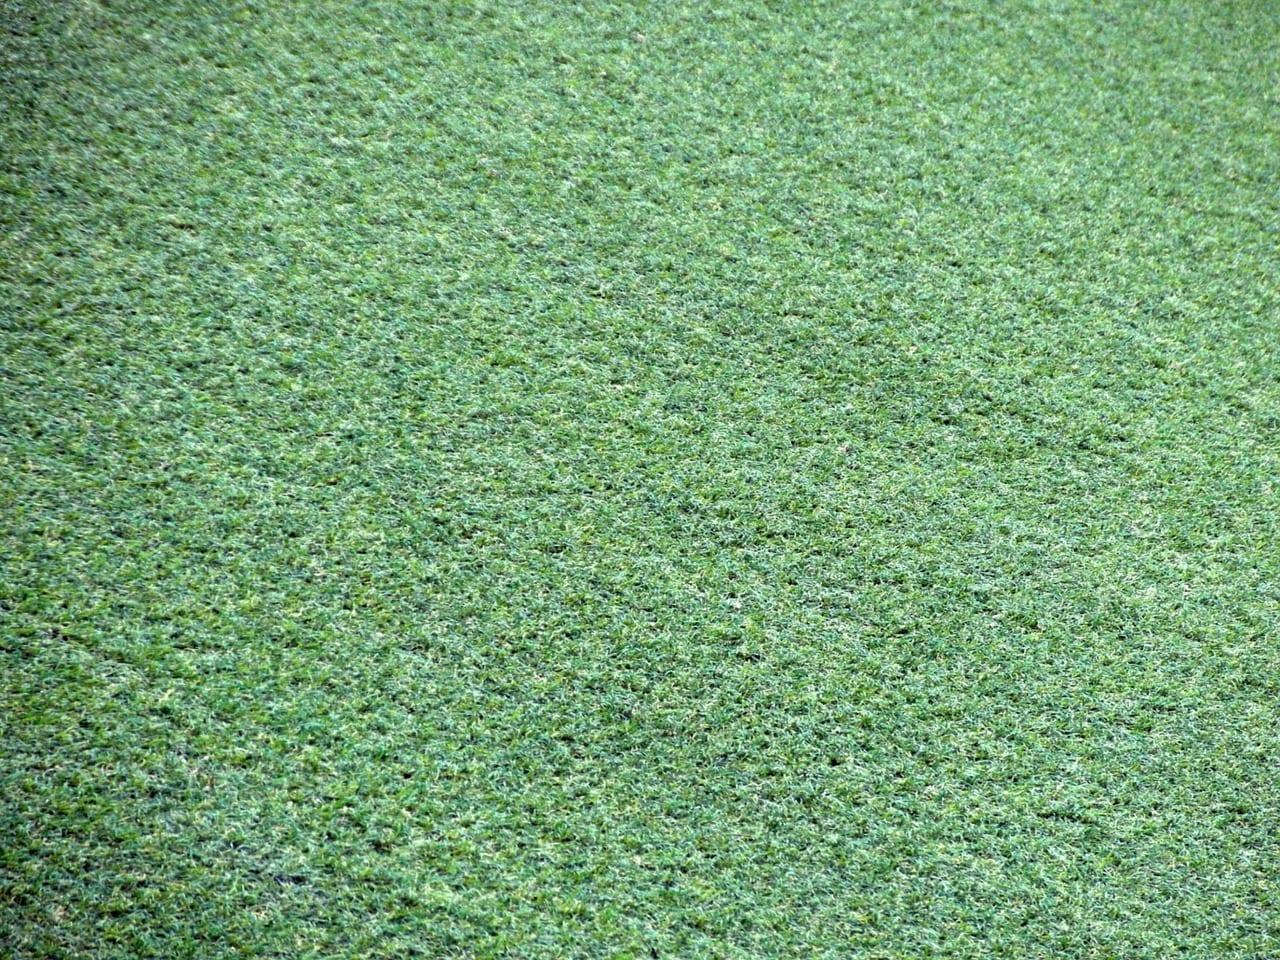 Artificial Grass Landscaping